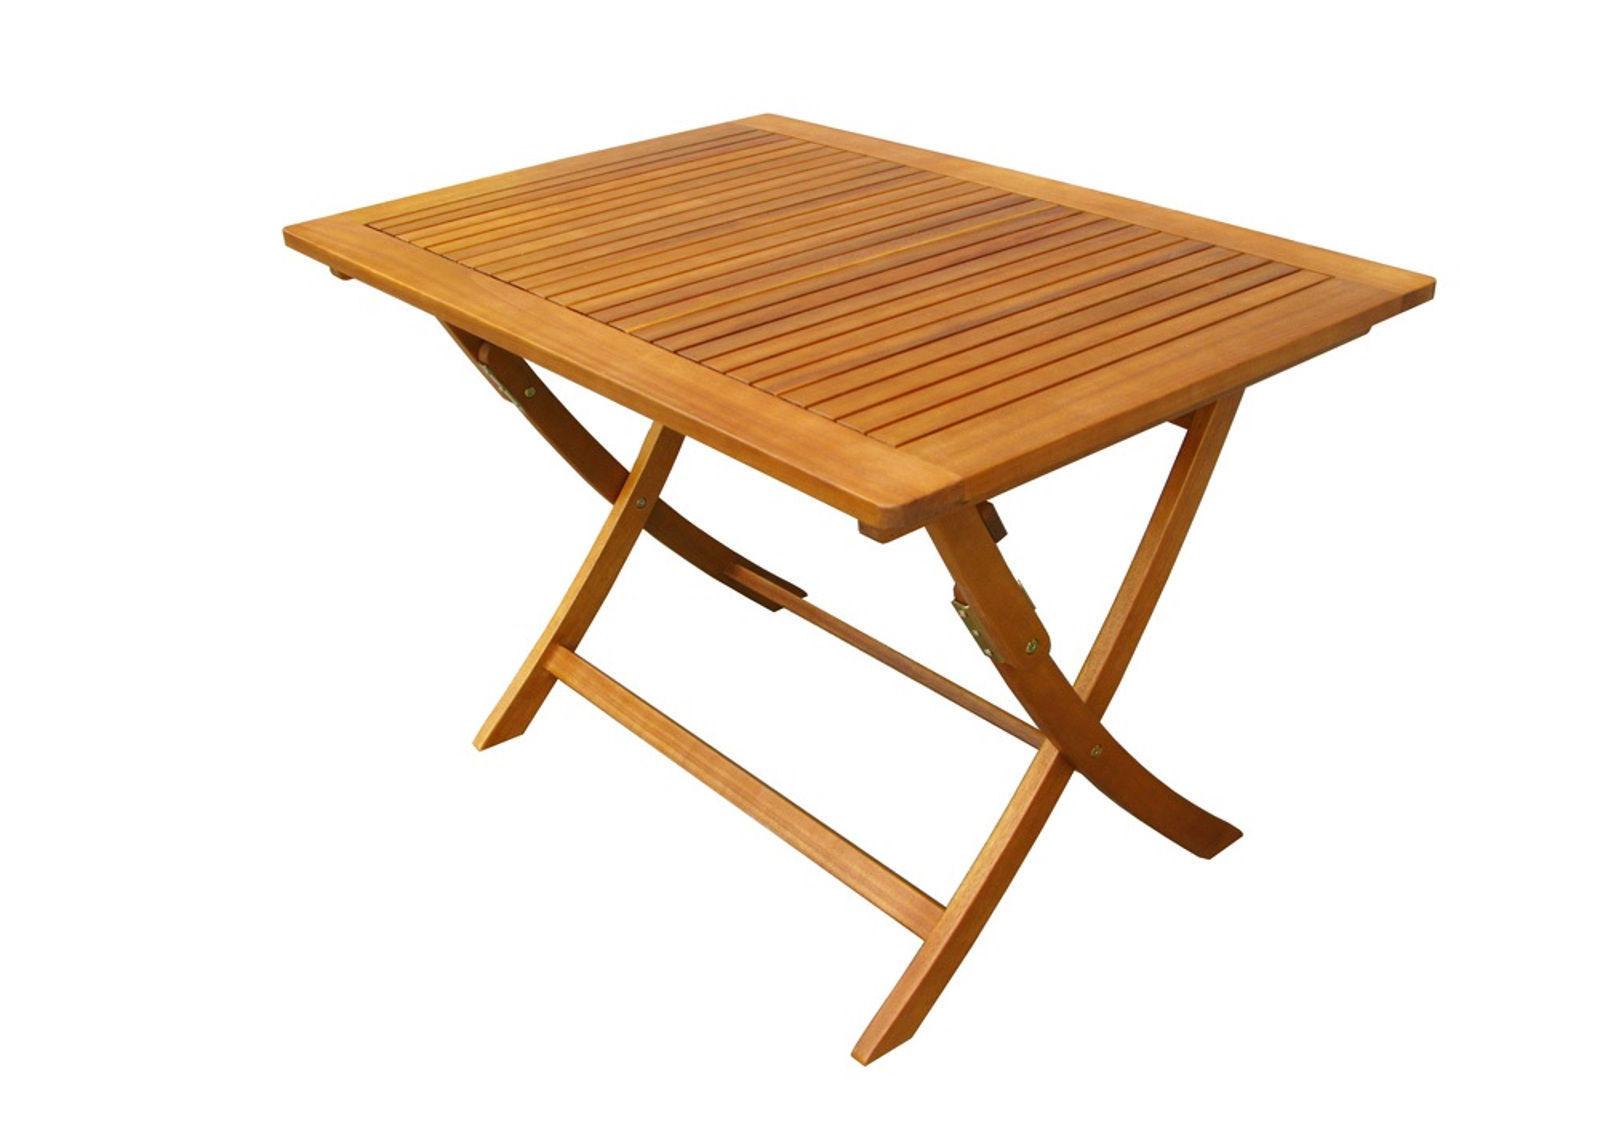 Tavolo pieghevole esterno giardino in legno di acacia - Tavolo esterno pieghevole ...